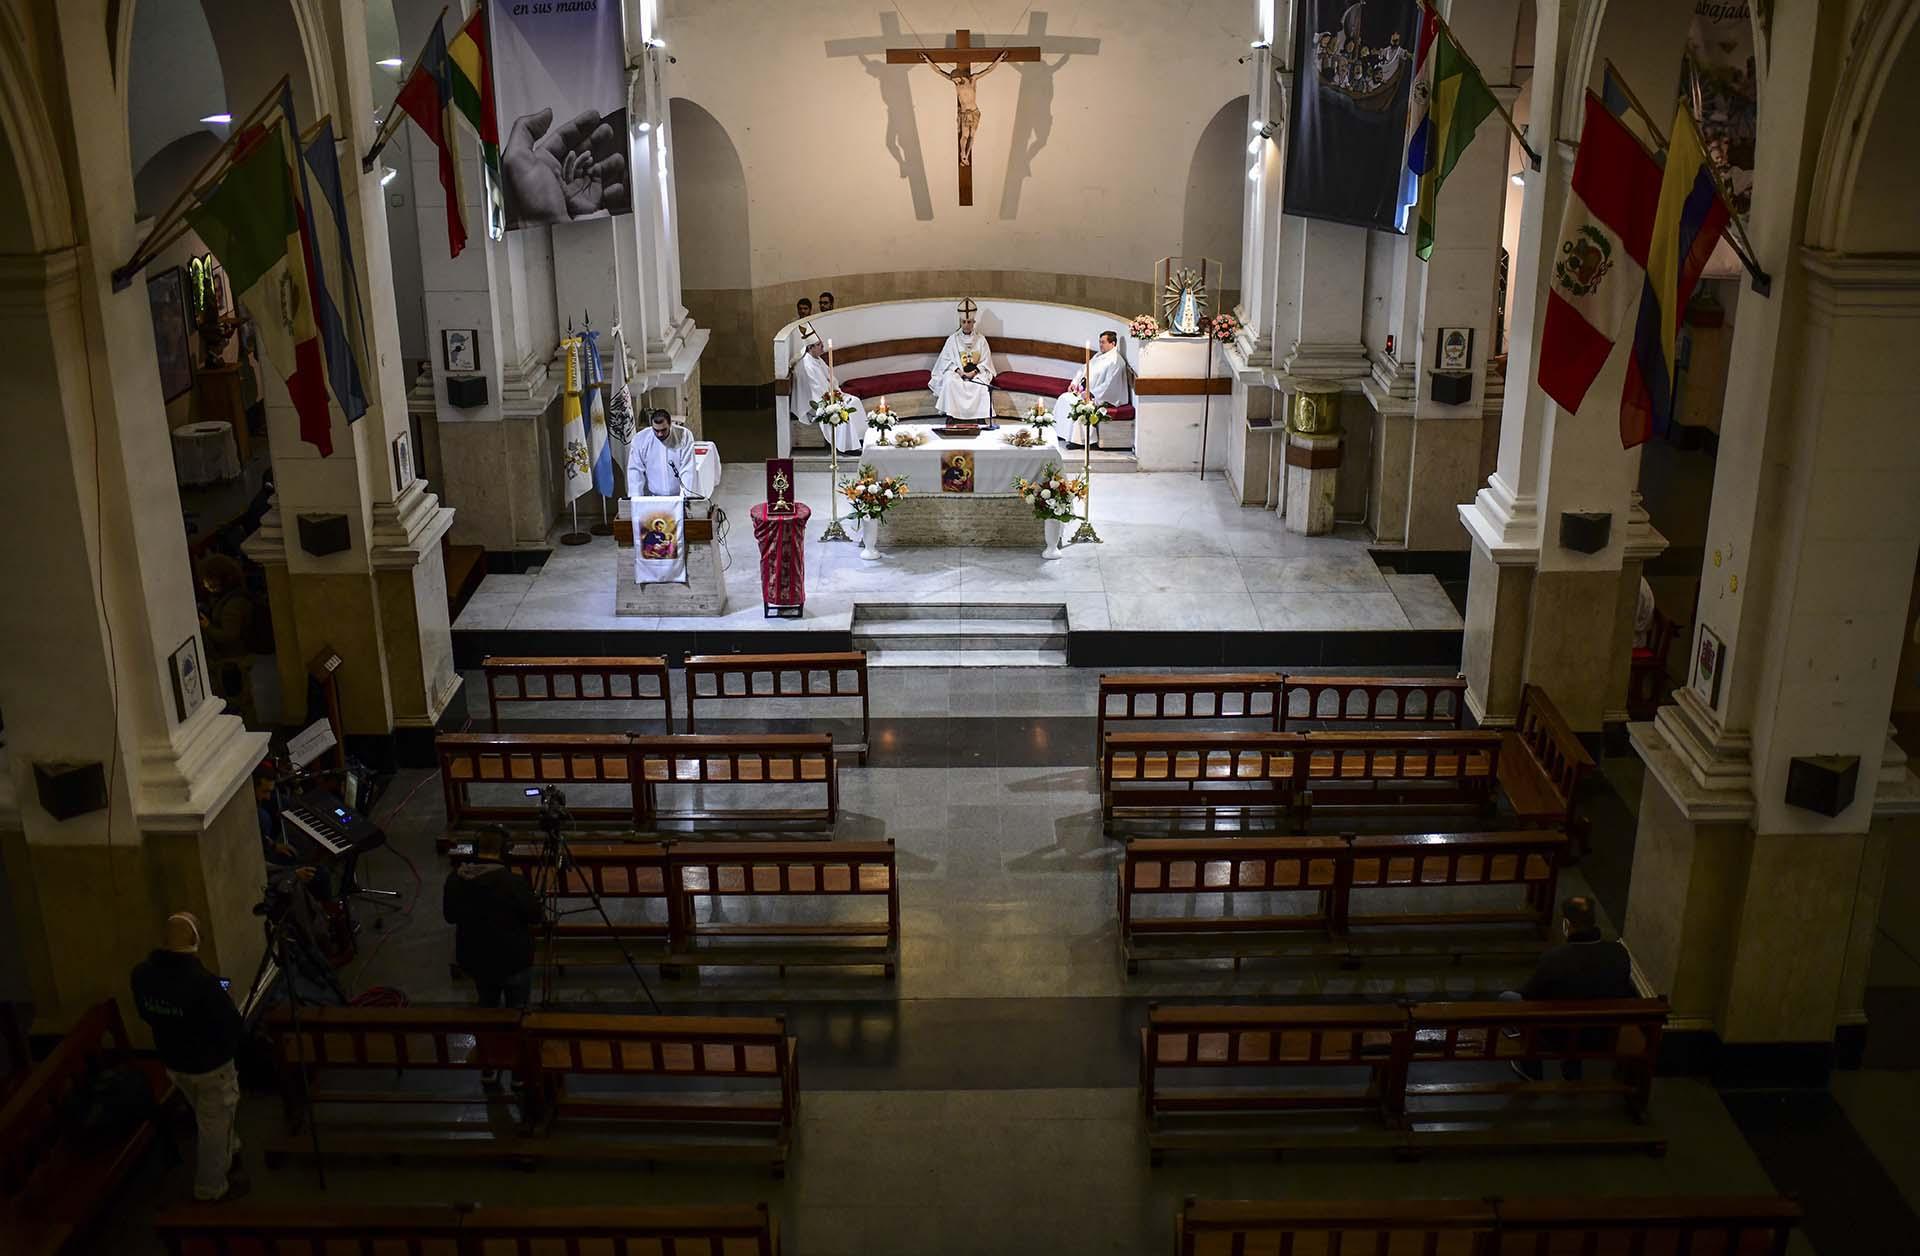 El 7 de agosto se celebra el Día de San Cayetano, patrono del pan y del trabajo. Este año, la peregrinación fue virtual y el arzobispo de Buenos Aires Mario Poli realizó una misa dentro de la iglesia cerrada de San Cayetano